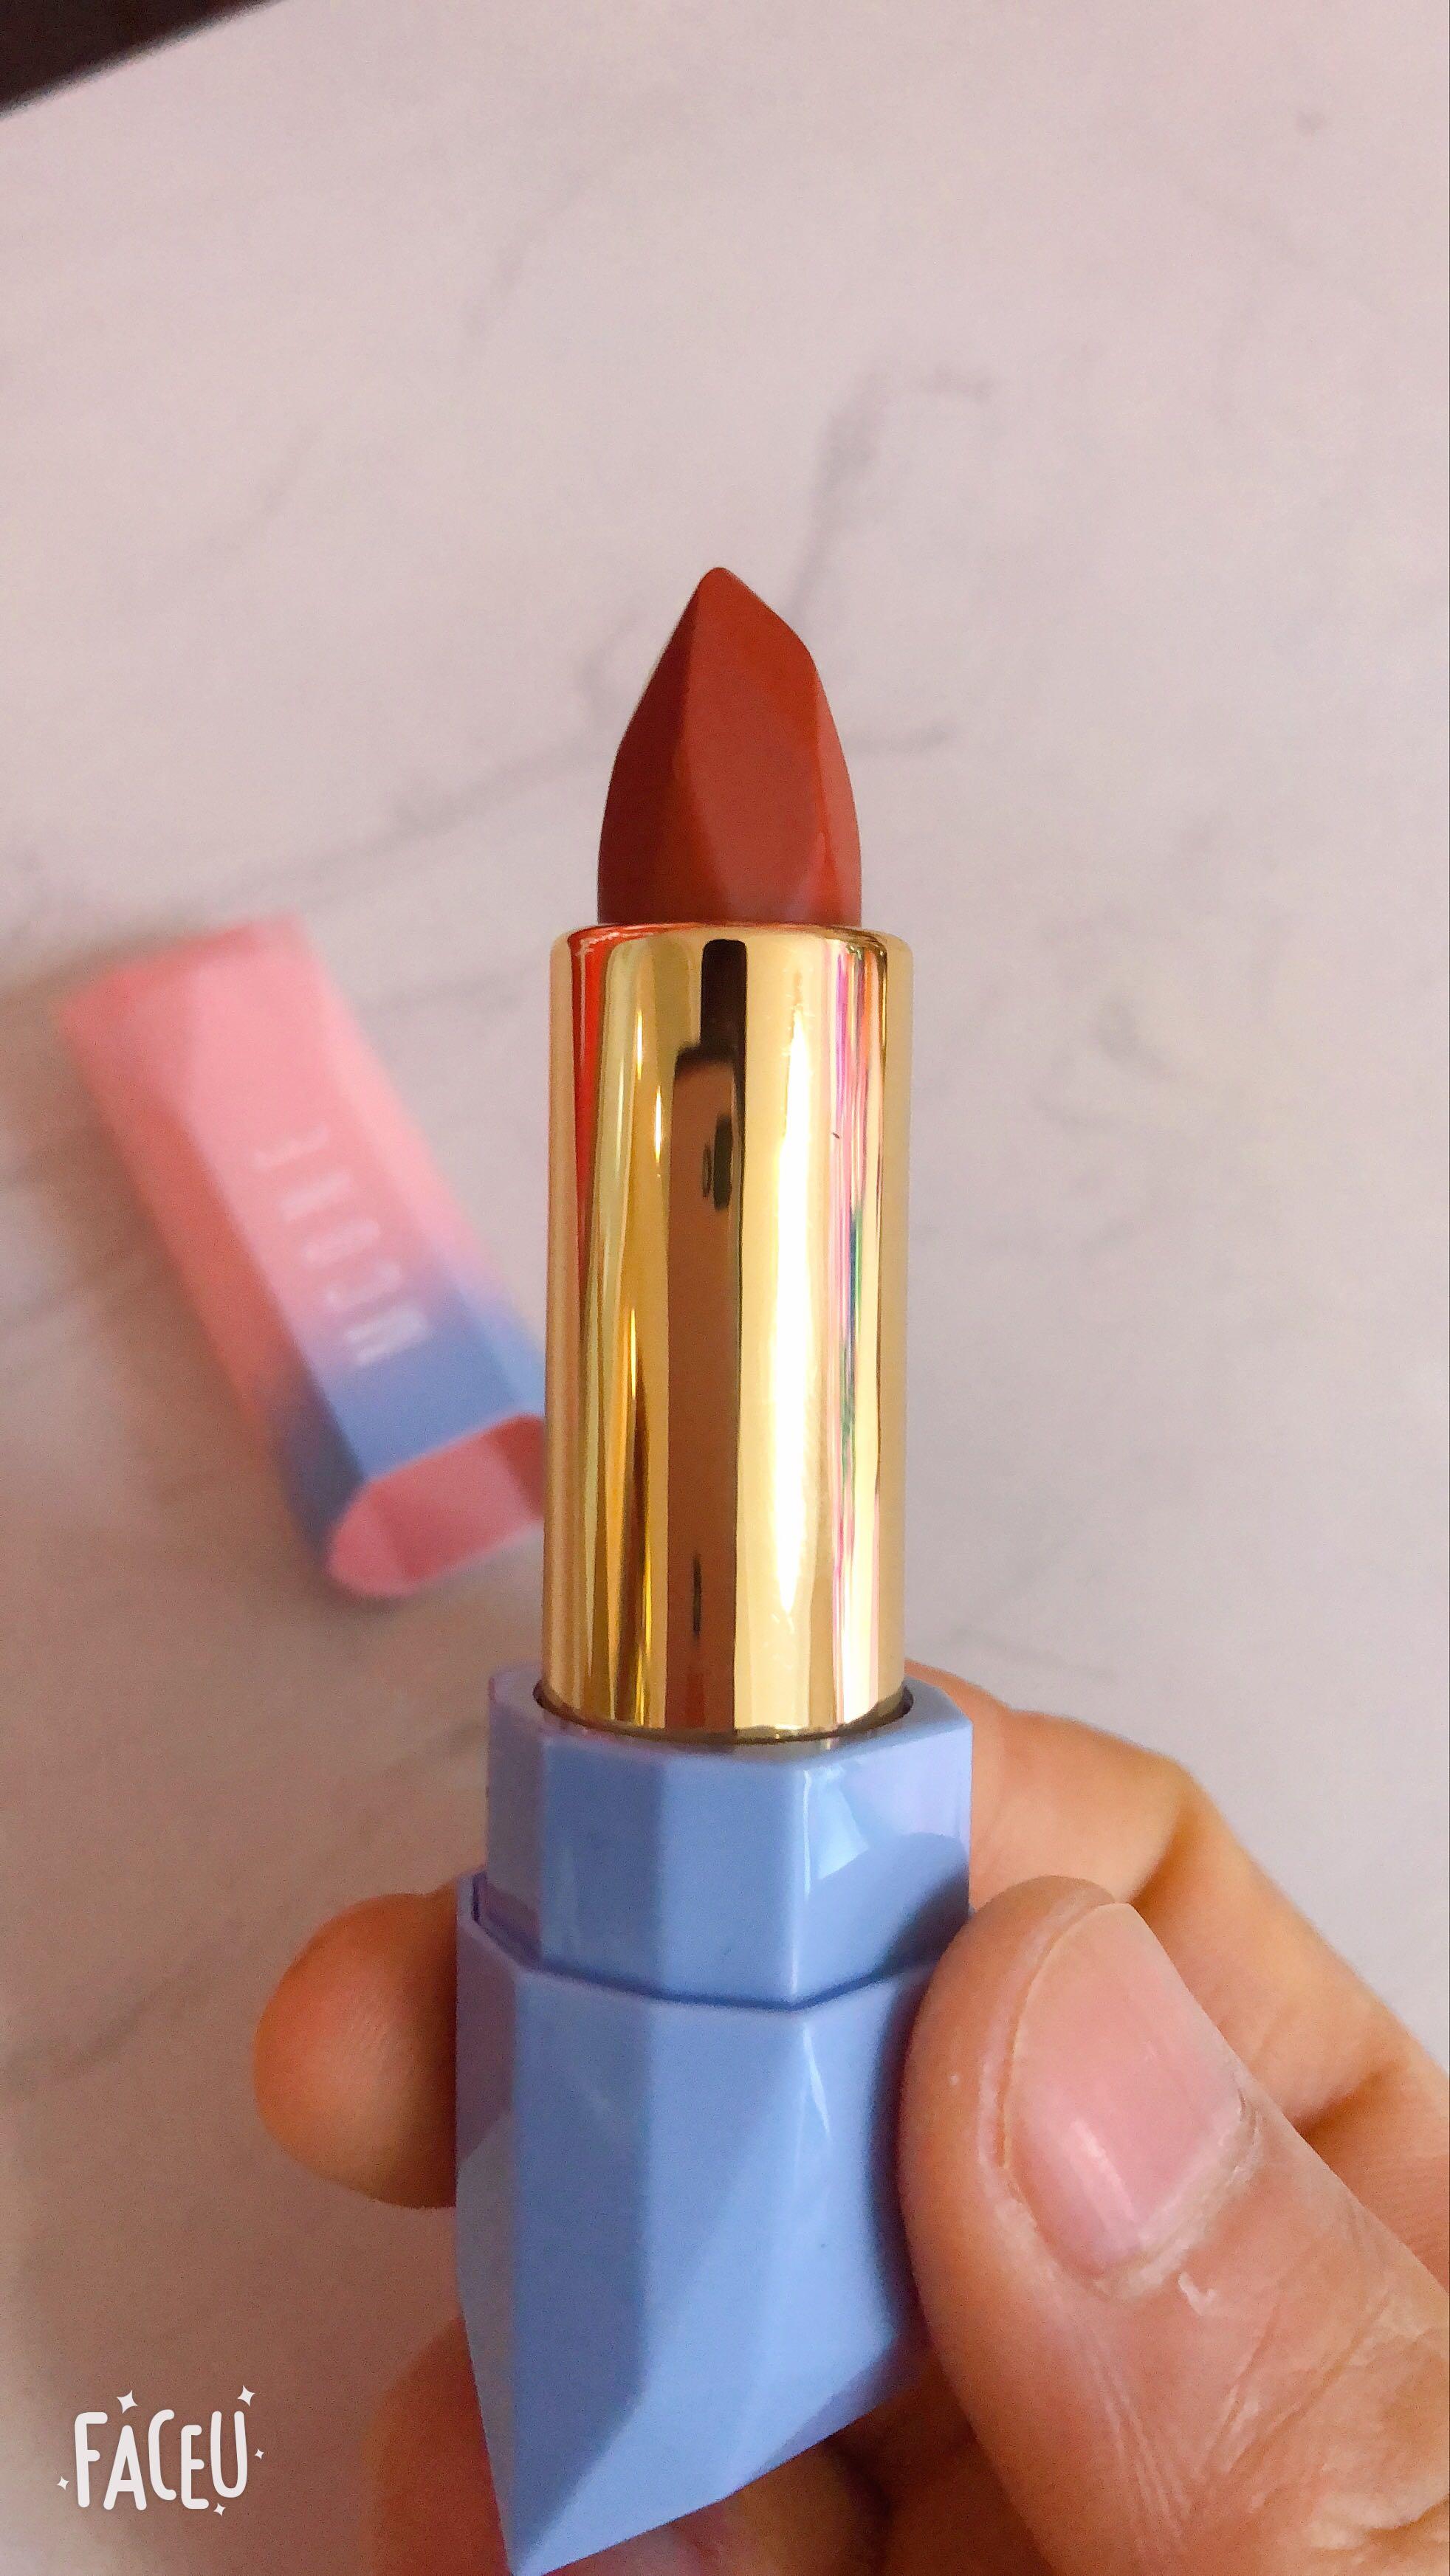 热卖网红口红MCONE,包装设计新颖靓丽,始于颜值,忠于才华,陷于品质